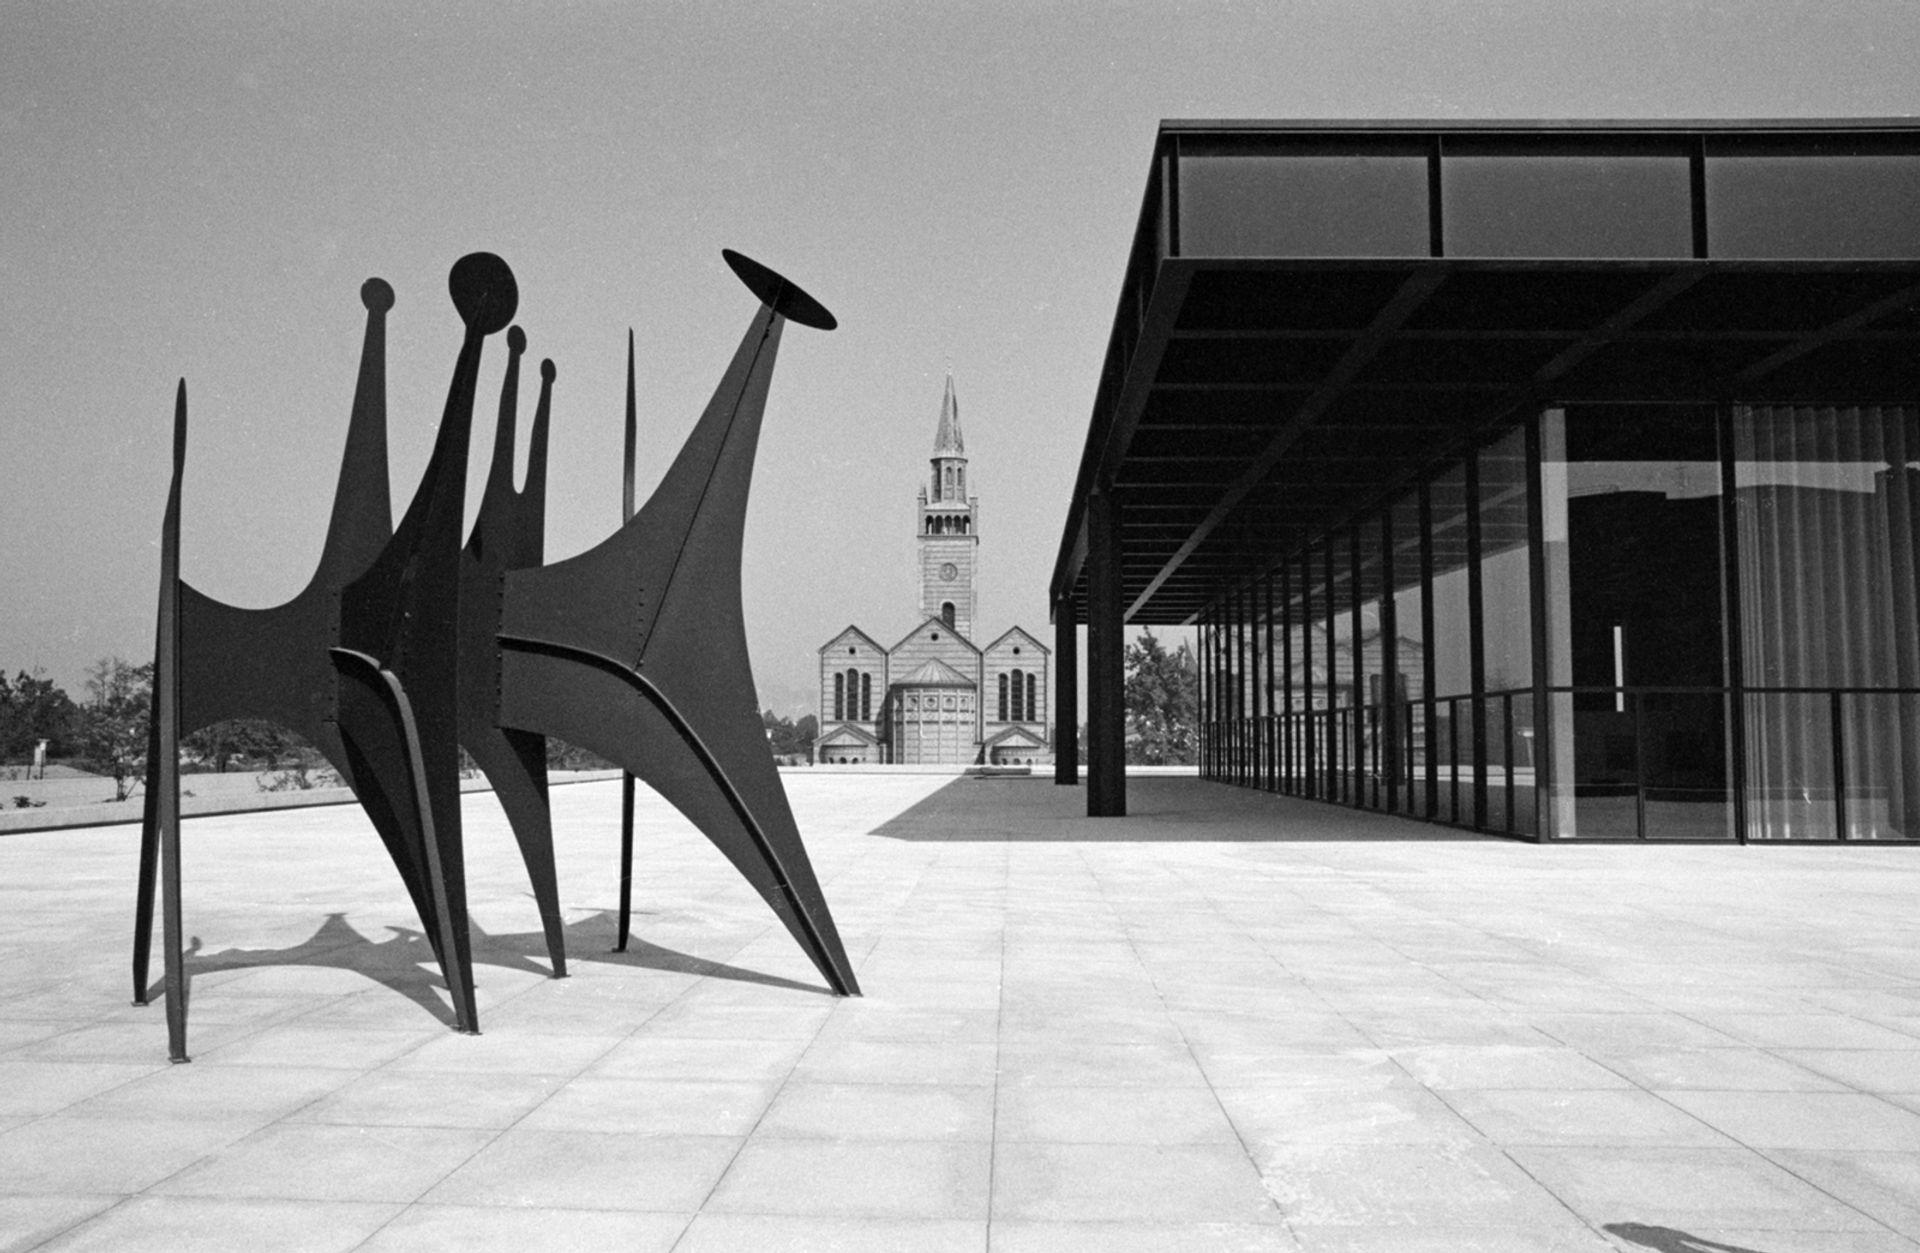 Reinhard Friedrich's photographs of the Neue Nationalgalerie with Têtes et Queue by Alexander Calder (1968) © Staatliche Museen zu Berlin, Zentralarchiv / Reinhard Friedrich